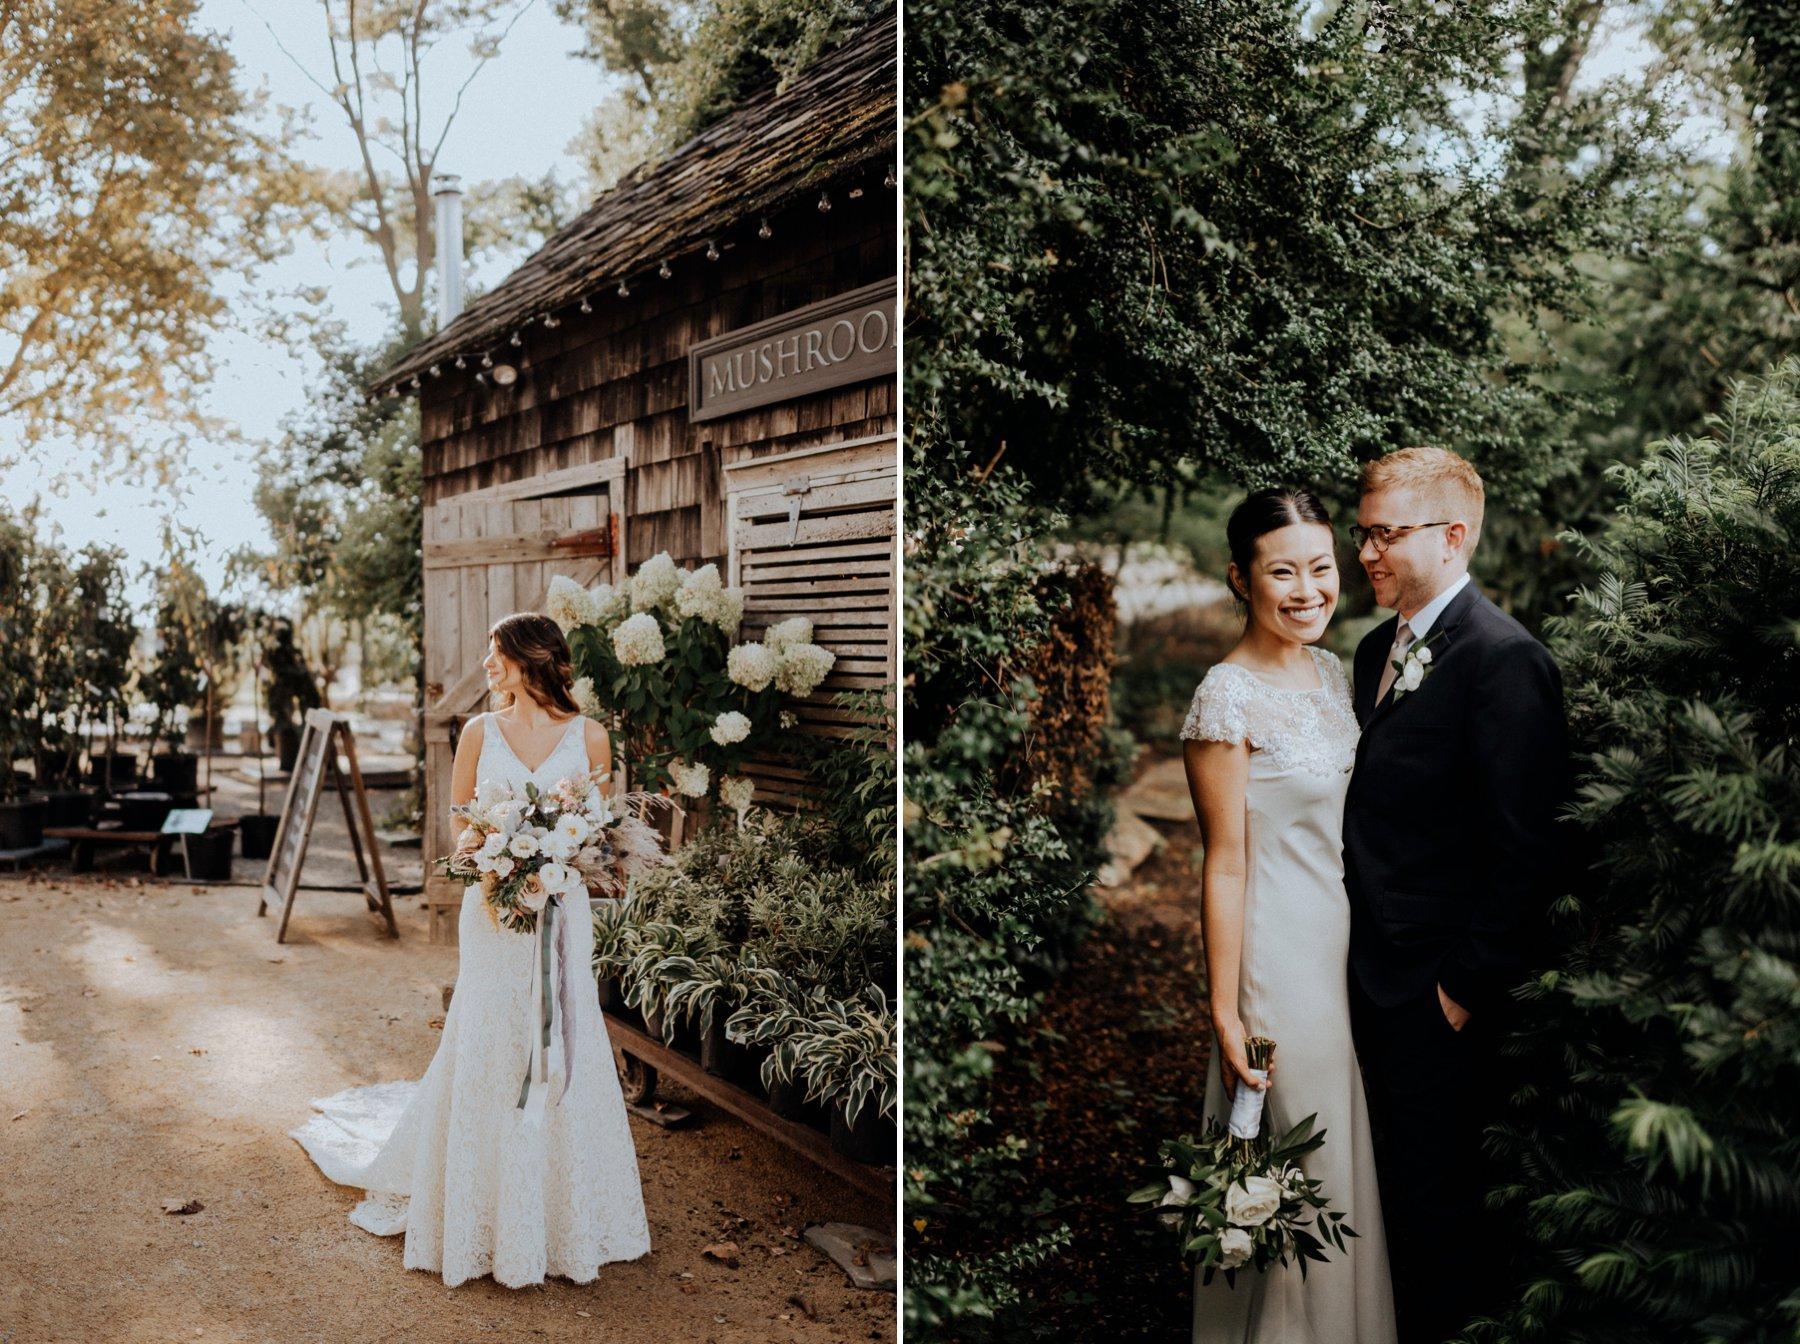 068-045-terrain-wedding-8-2.jpg